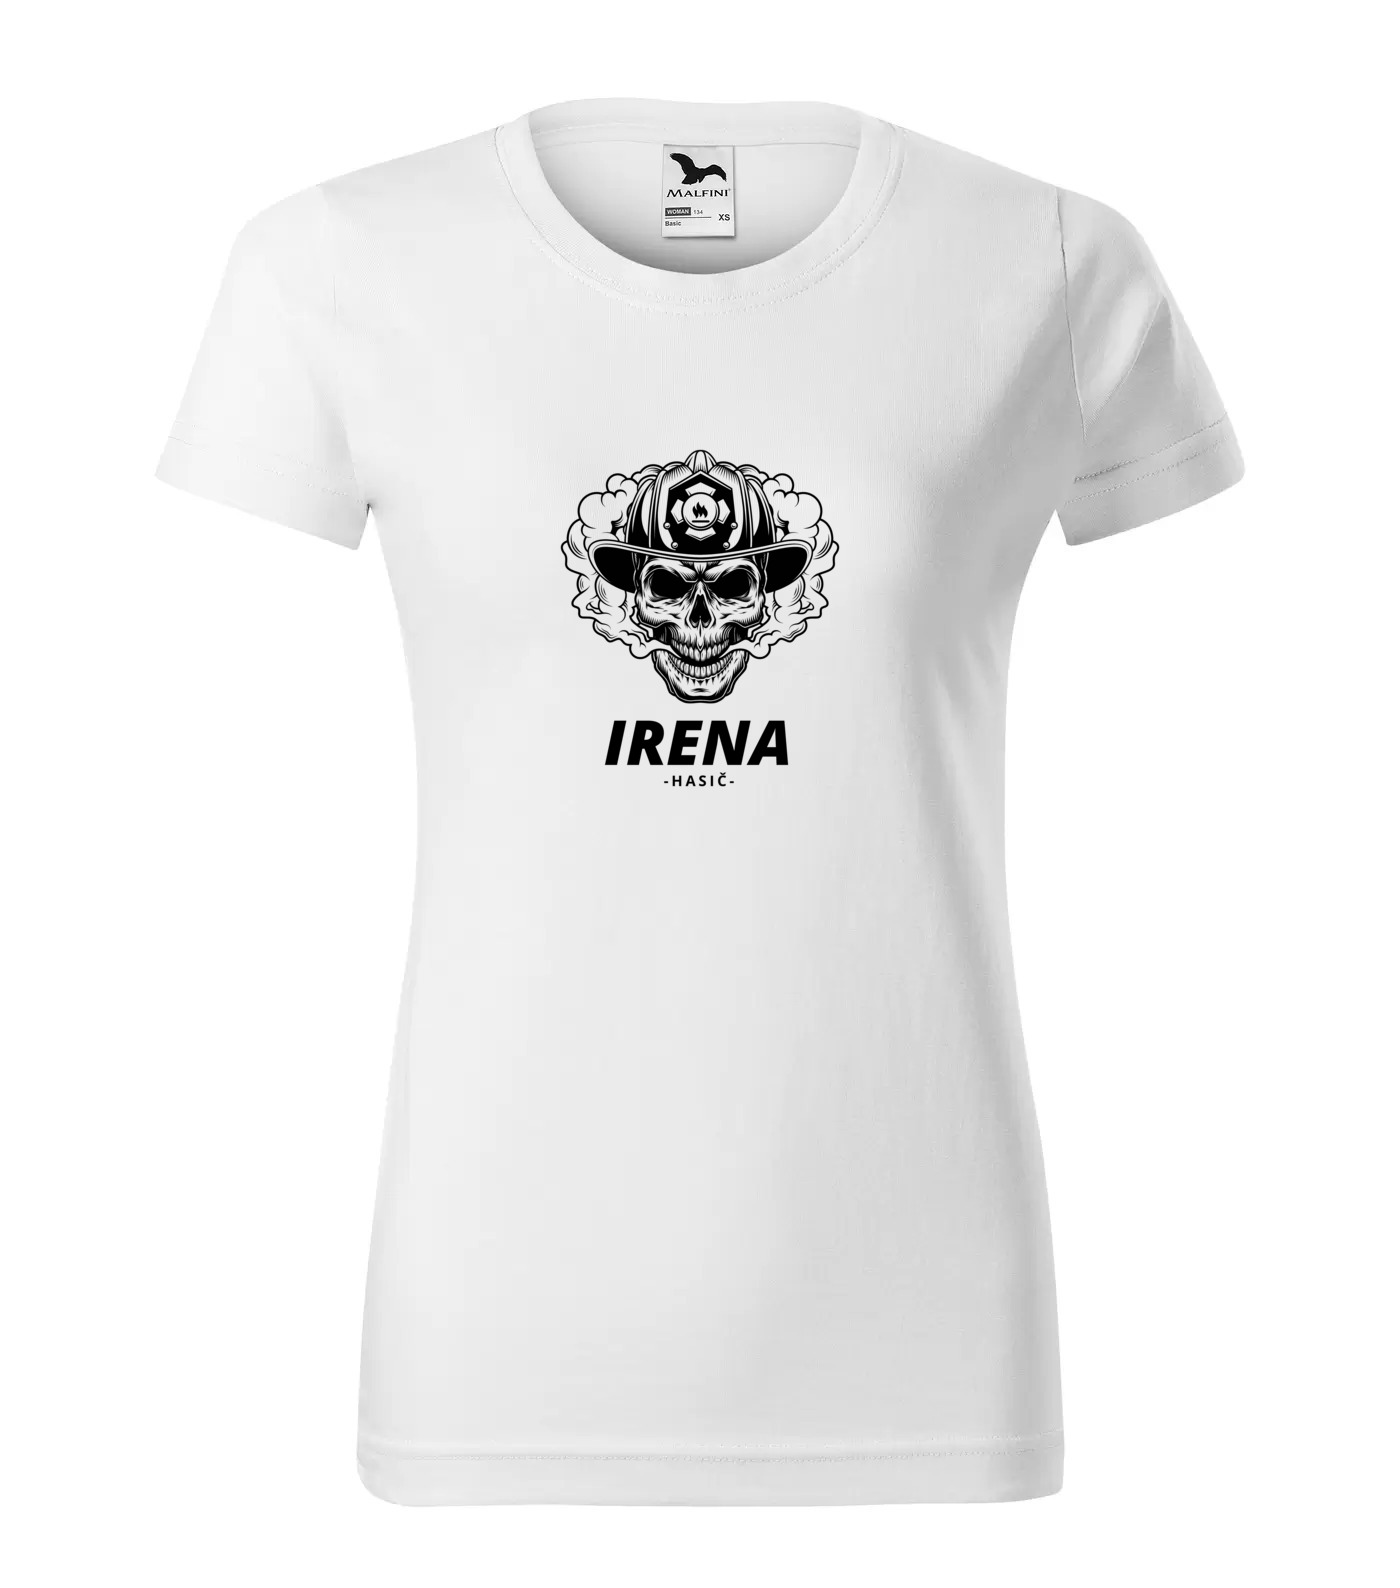 Tričko Hasič Irena